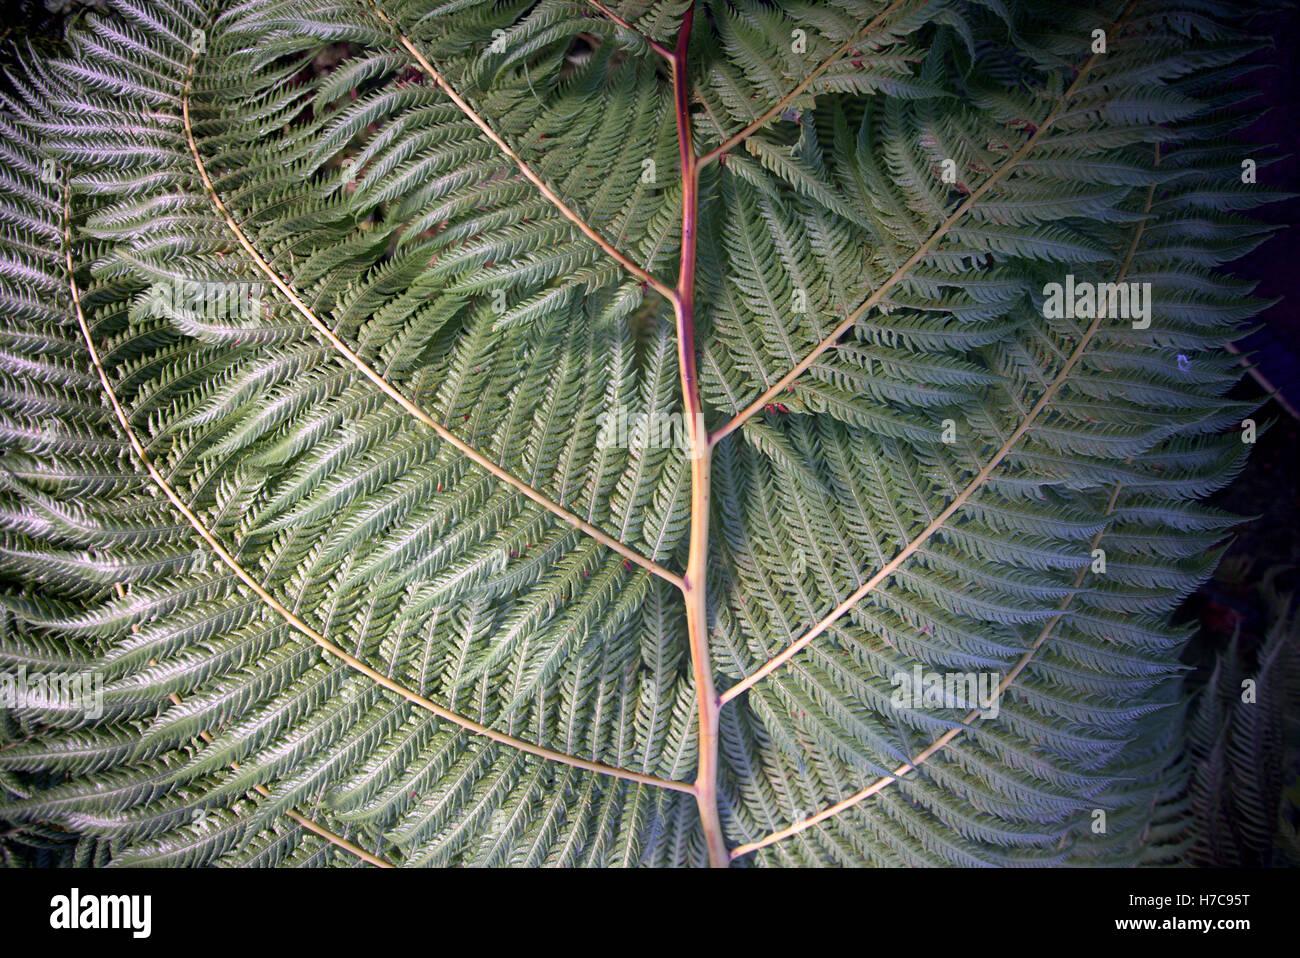 Résumé fond feuilles fougères tropicales tige verte Photo Stock